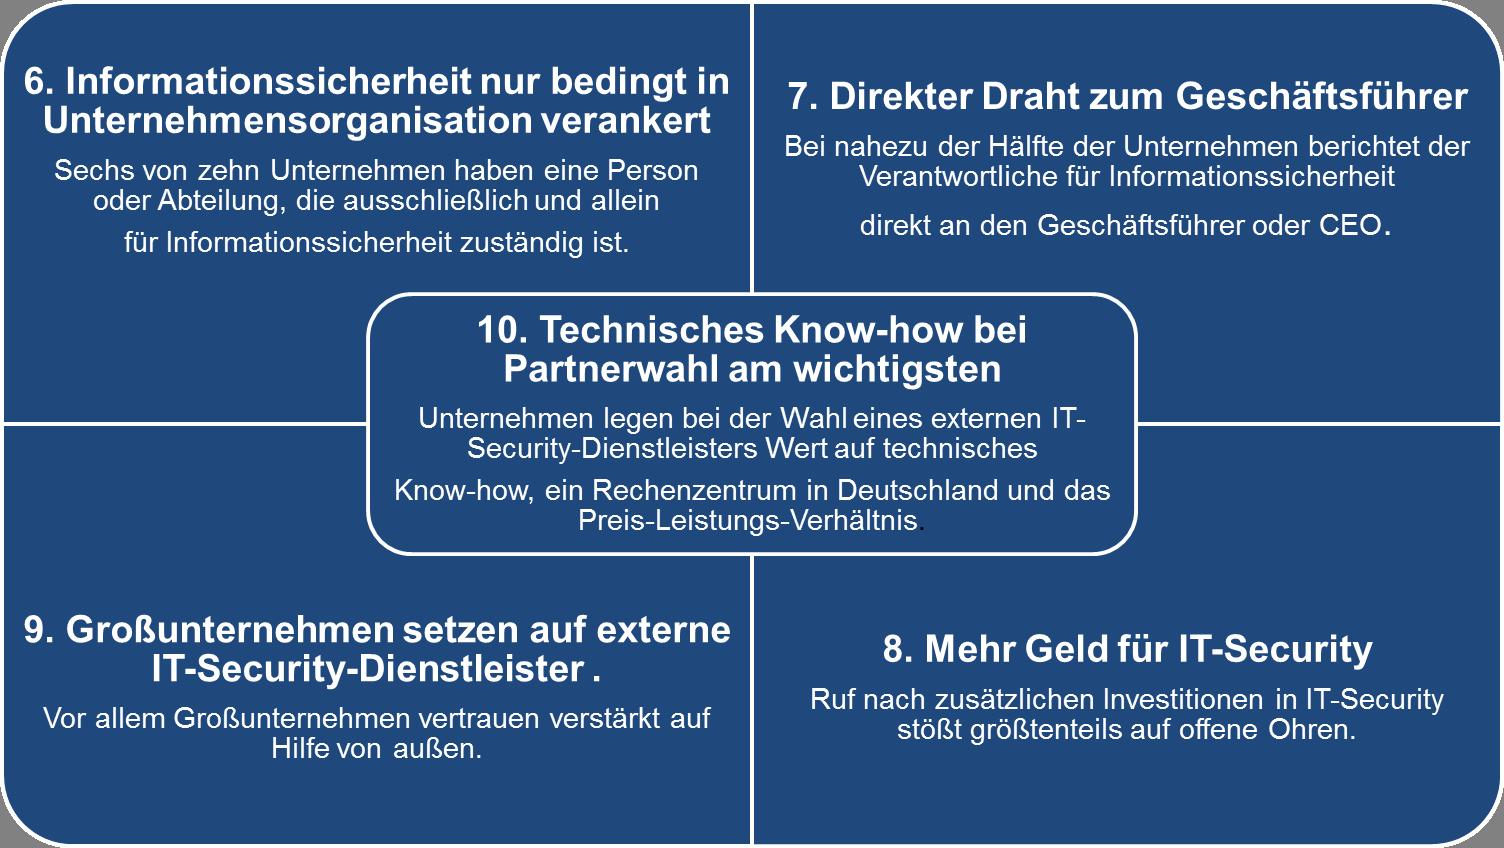 Die Ergebnisse 6-10 aus der CISO Security Studie von IDG im Überblick Quelle: CISO Security Studie, mehr unter www.idgbusinessmedia.de /Matthias Teichmann